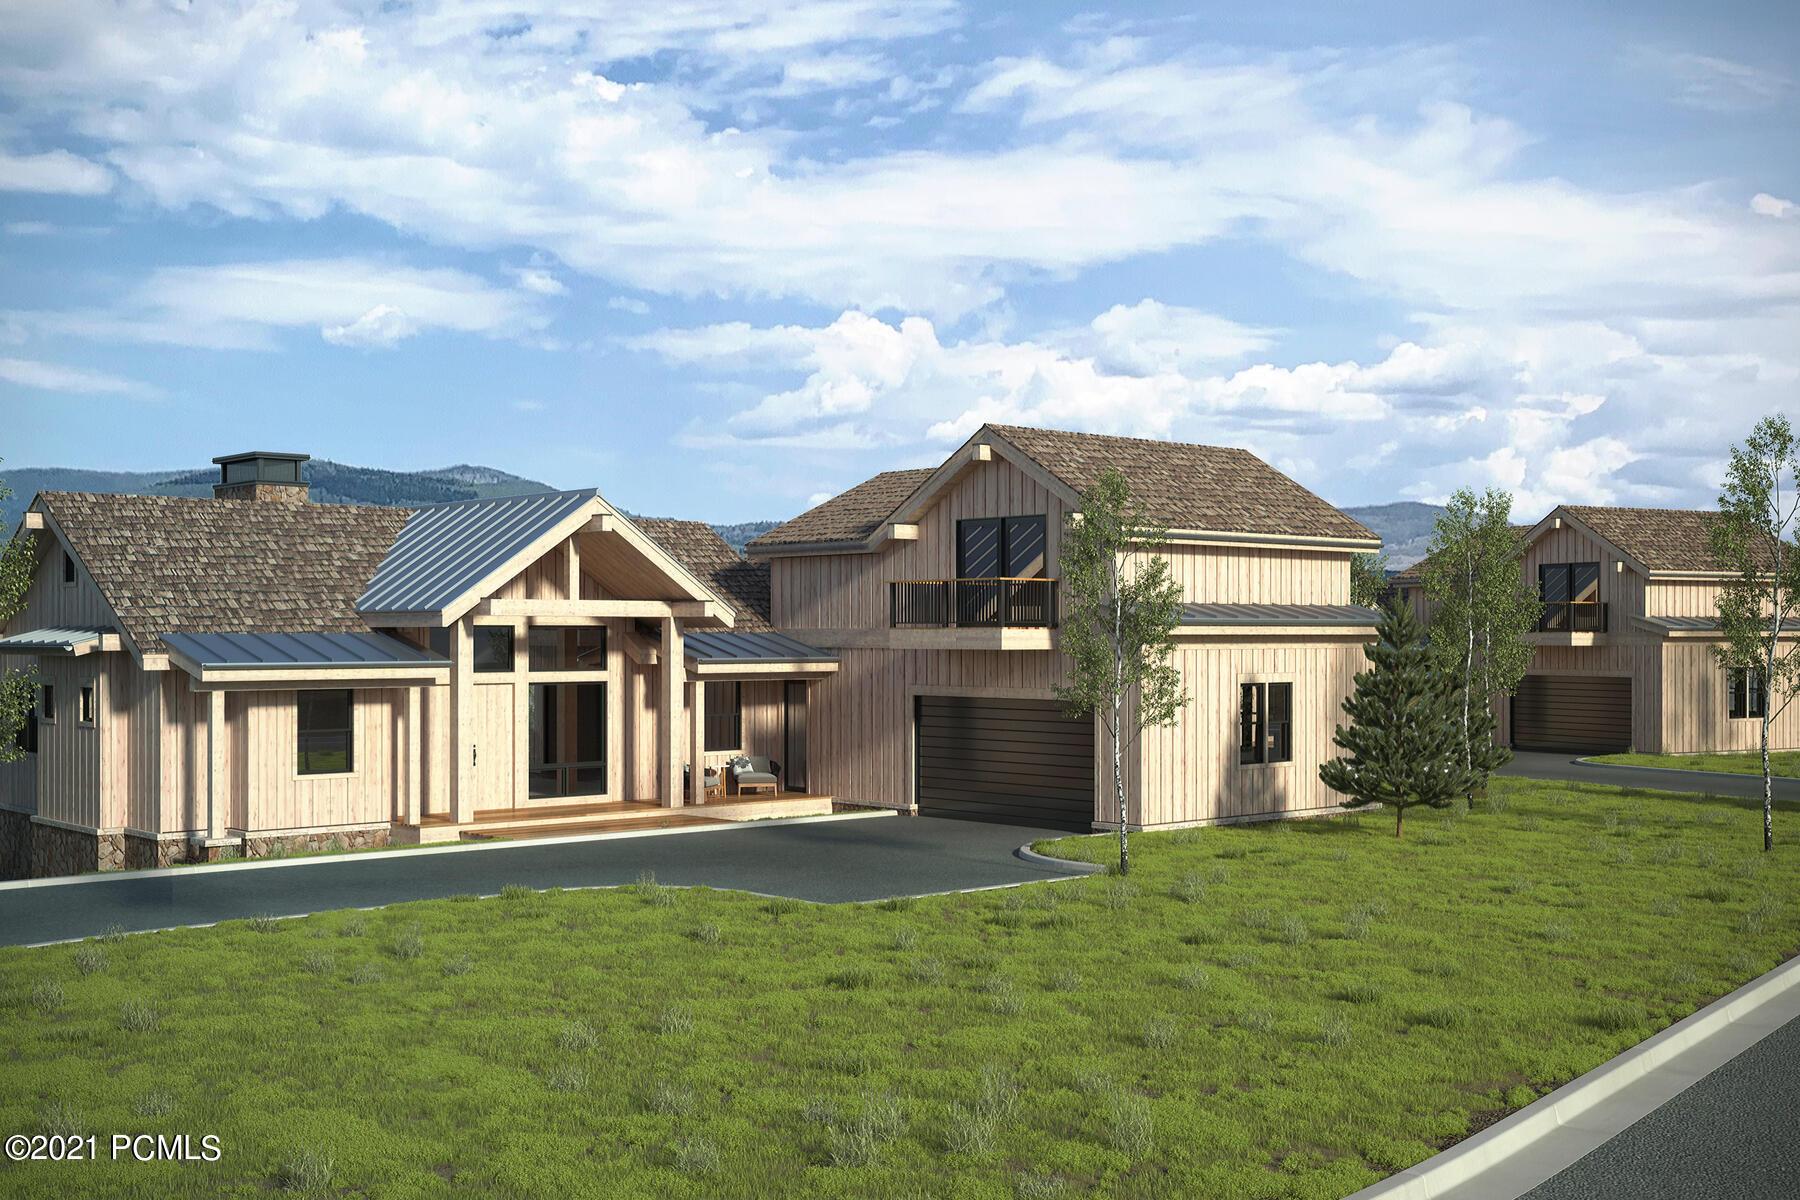 7559 Stardust Ct #318b, 5.2, Heber City, Utah 84032, 5 Bedrooms Bedrooms, ,6 BathroomsBathrooms,Fractional Interest,For Sale,Stardust Ct #318b, 5.2,12100907